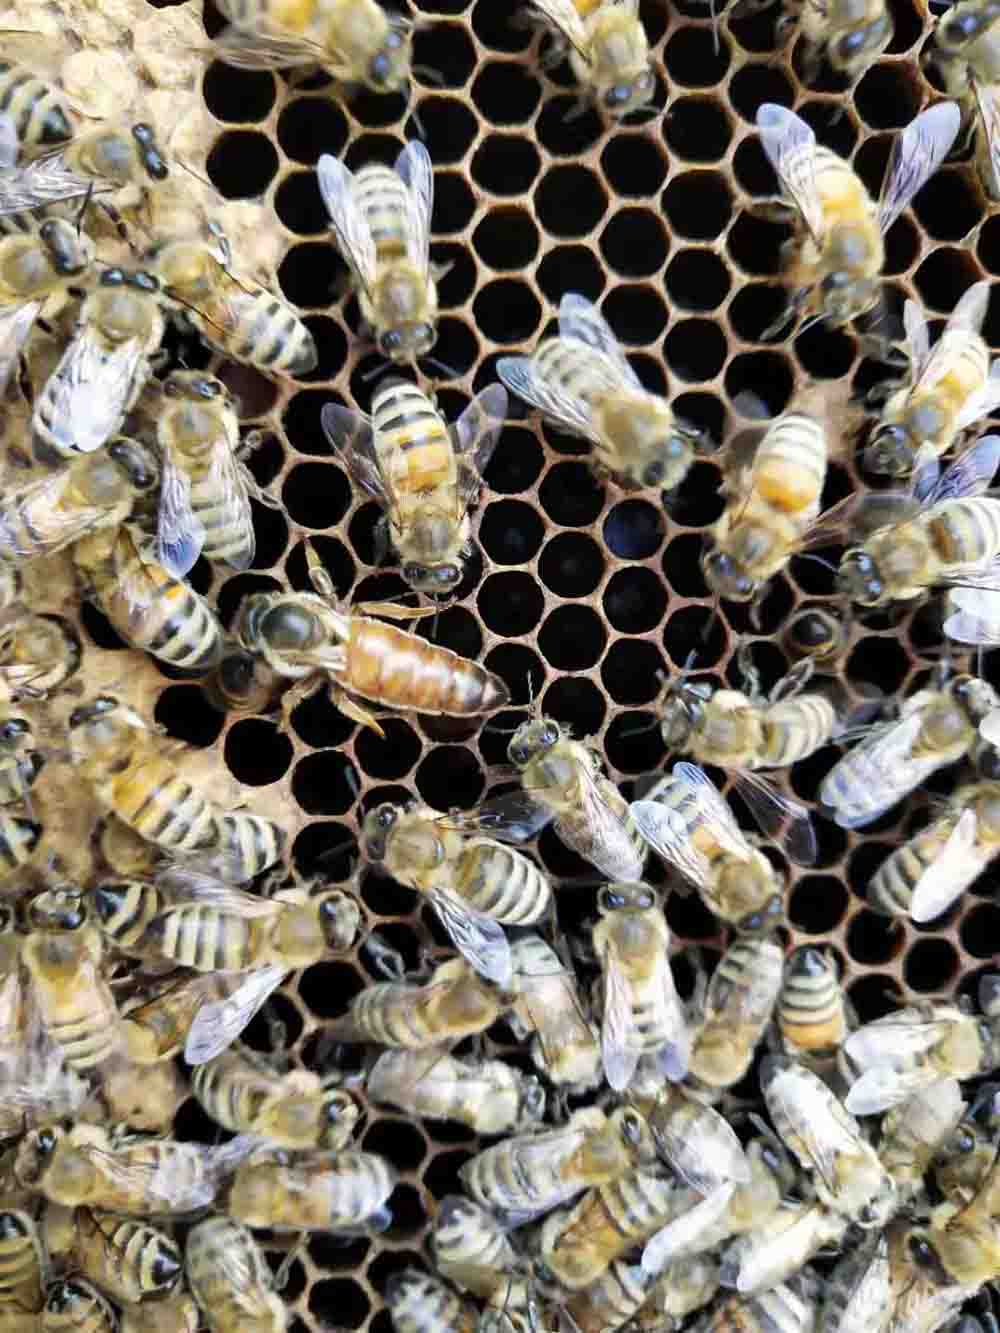 煙臺蜂蜜 煙臺蜂蜜價格 煙臺蜂蜜哪家好-昆之陽蜂蜜